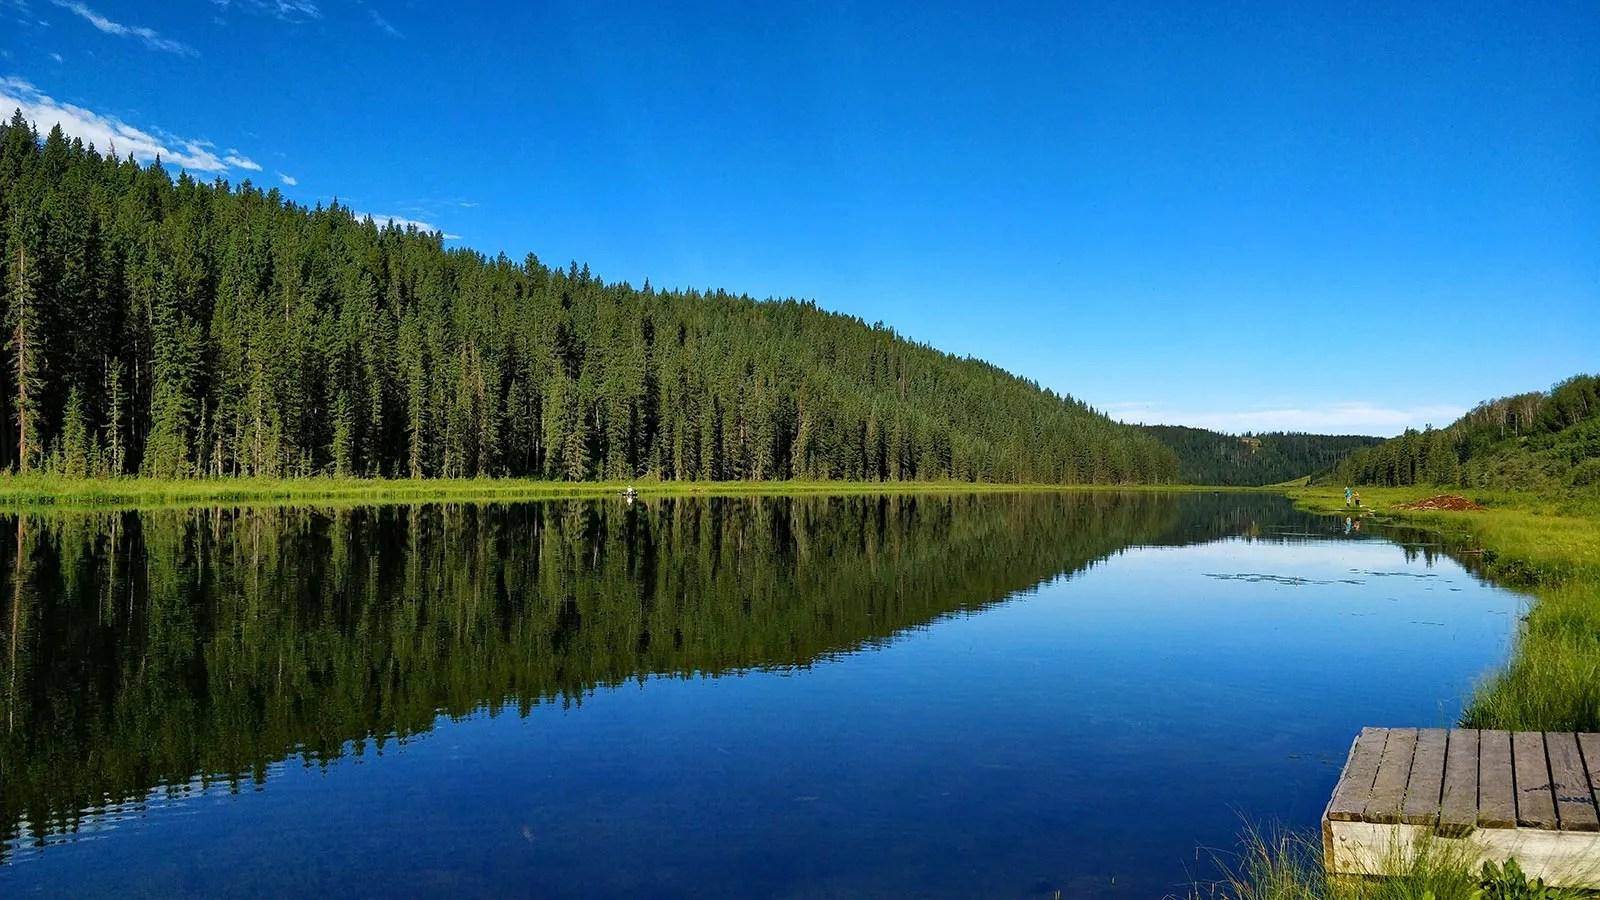 Winchell Lake